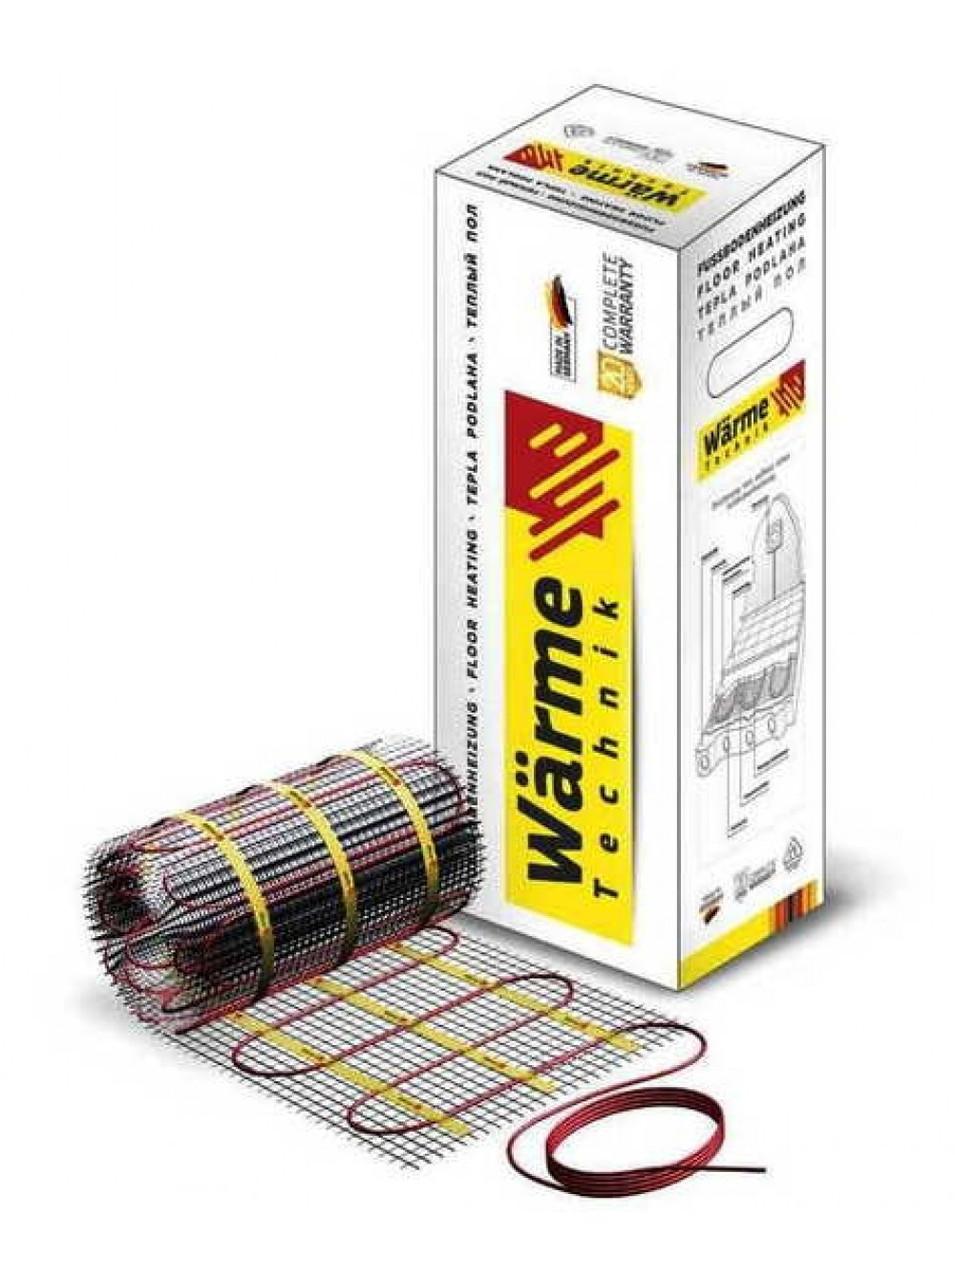 Нагревательный мат Wärme Twin mat   7.0 м²  1050 W